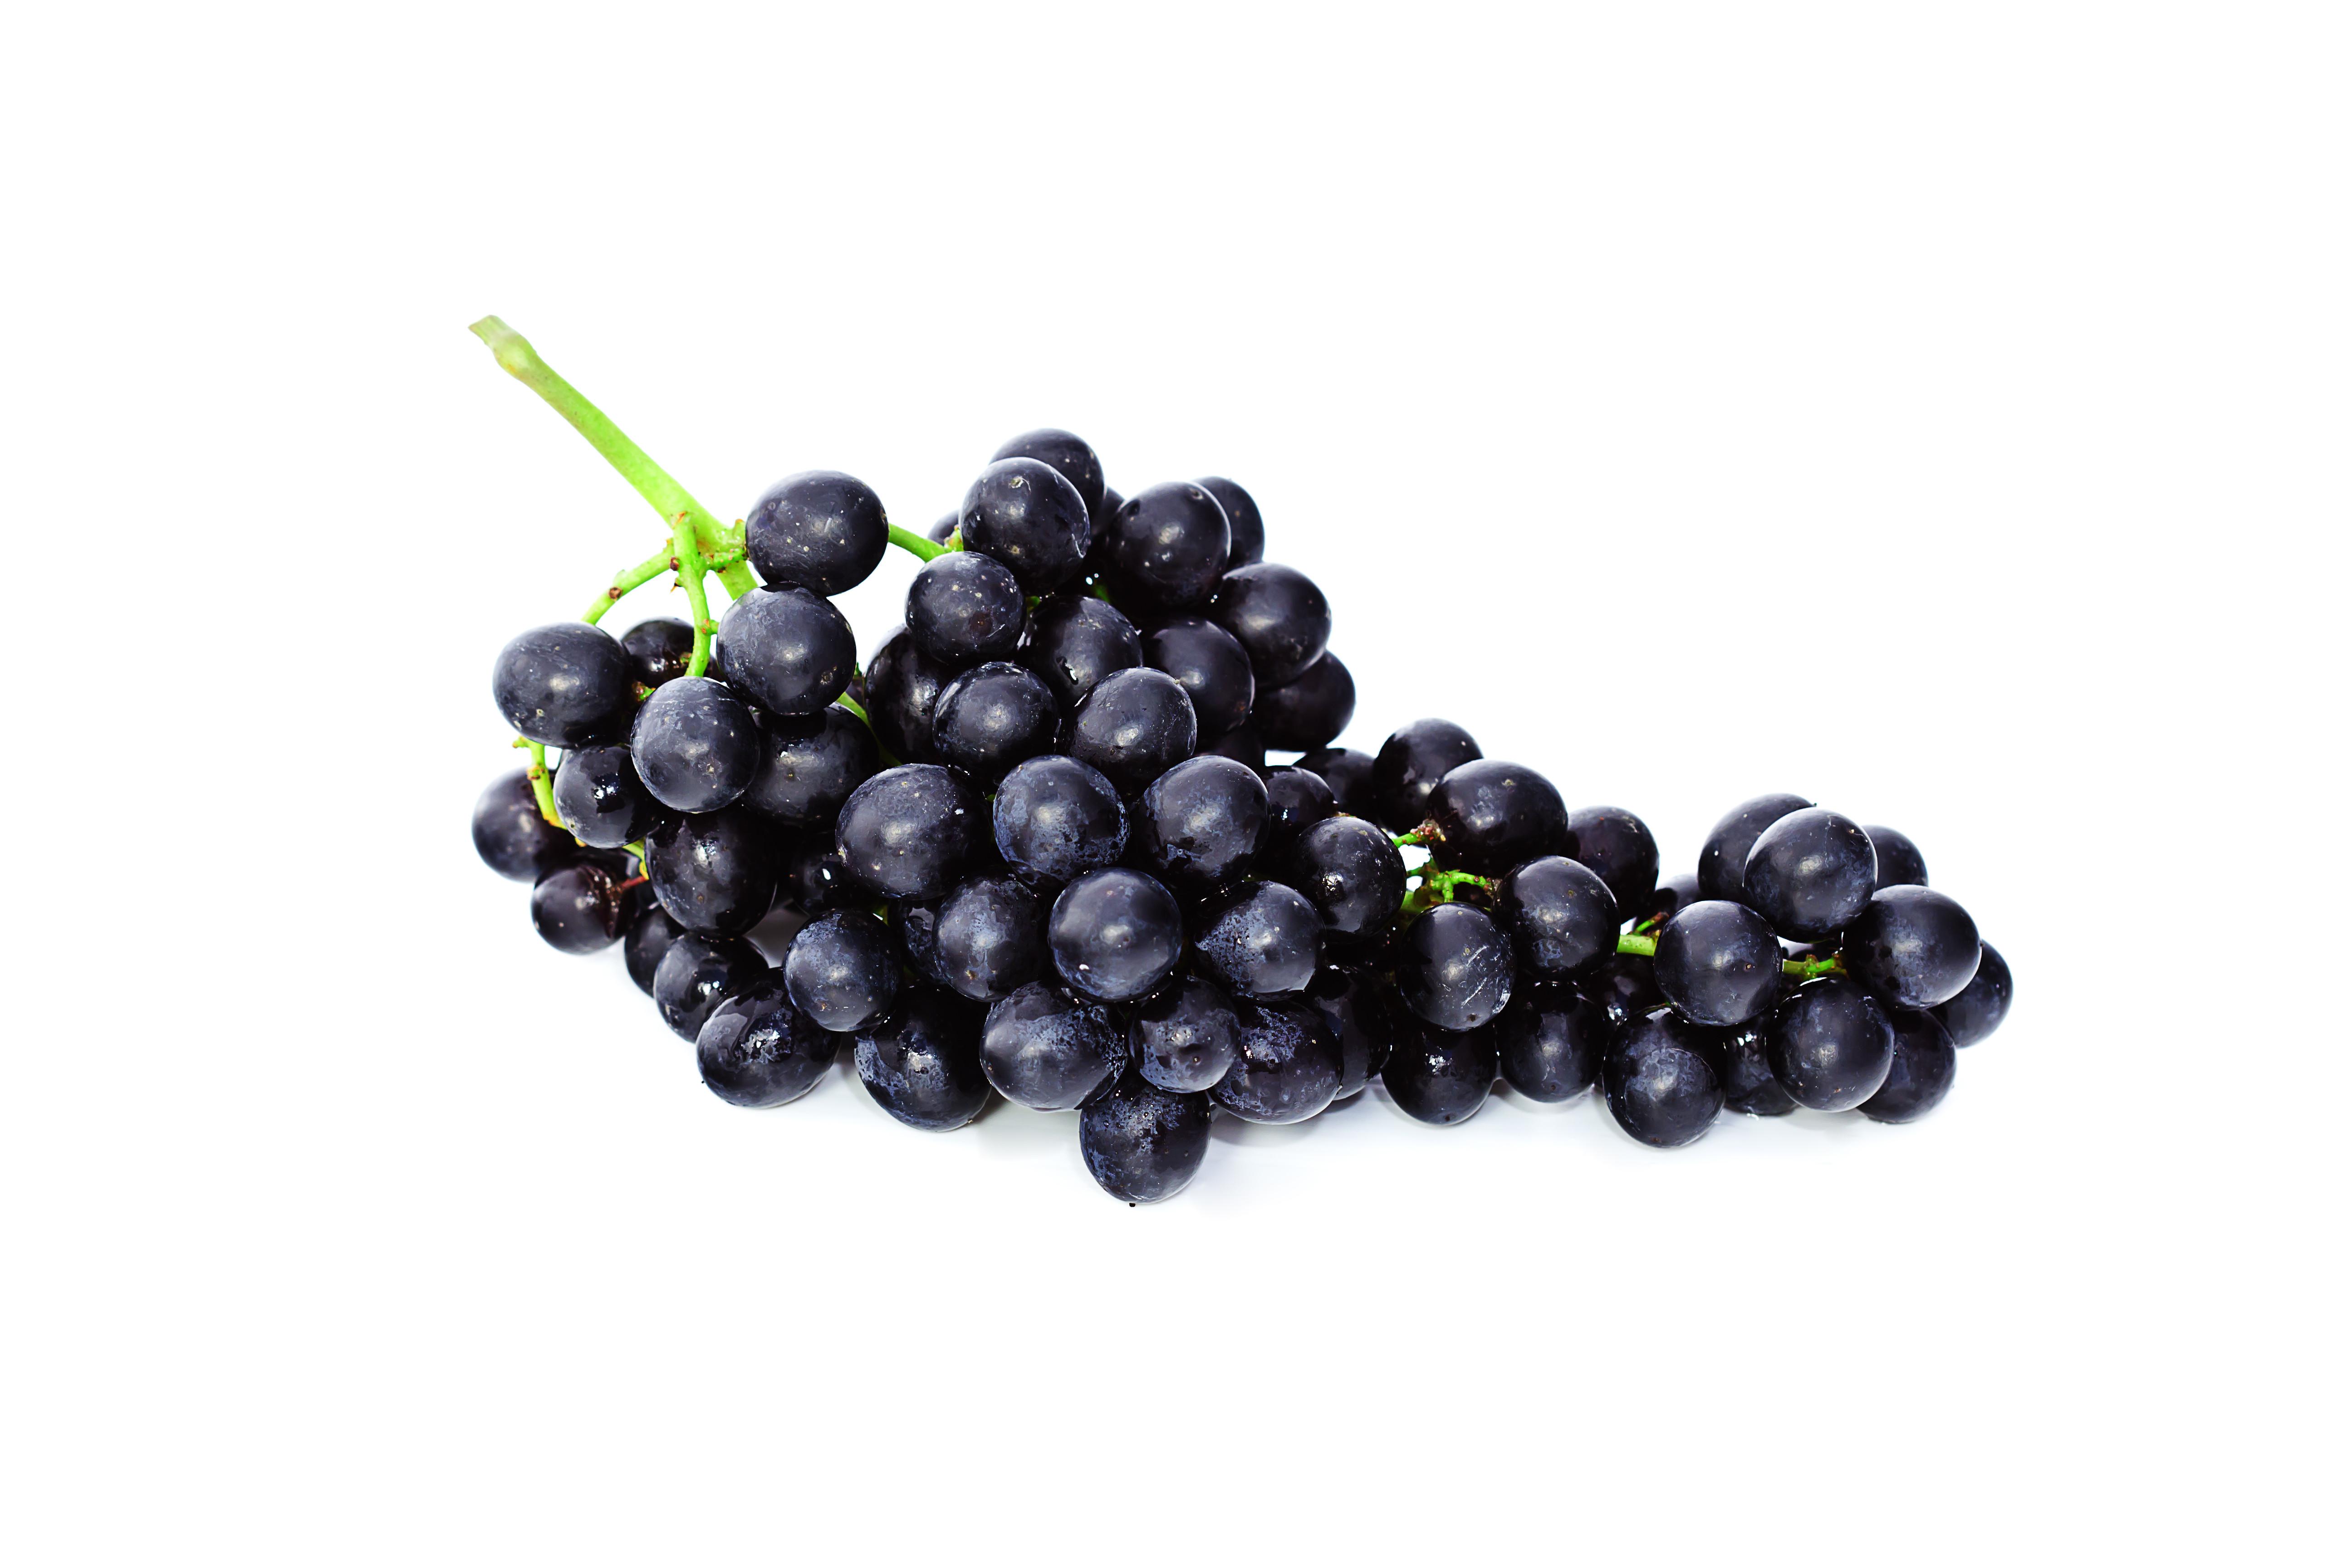 Tume viinamari